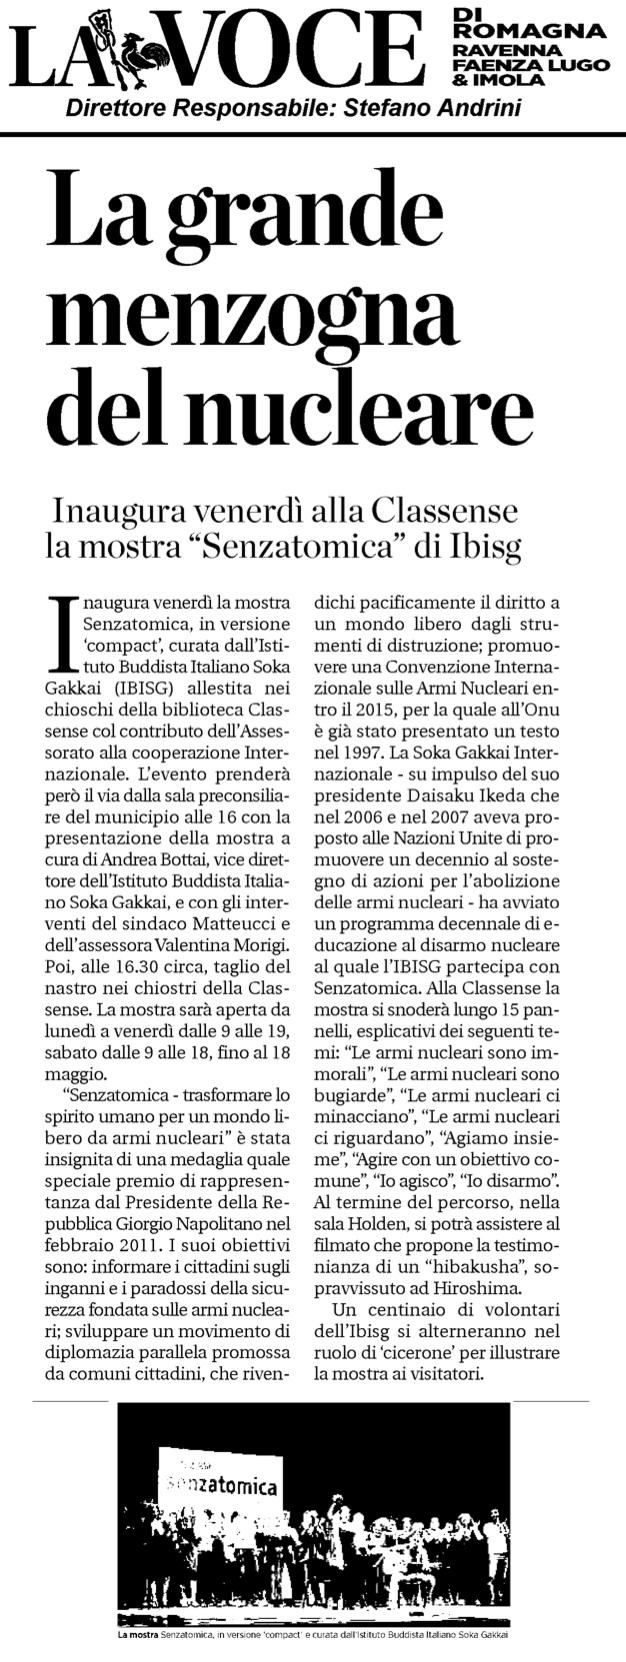 2013-05-01 La Voce Di Romagna